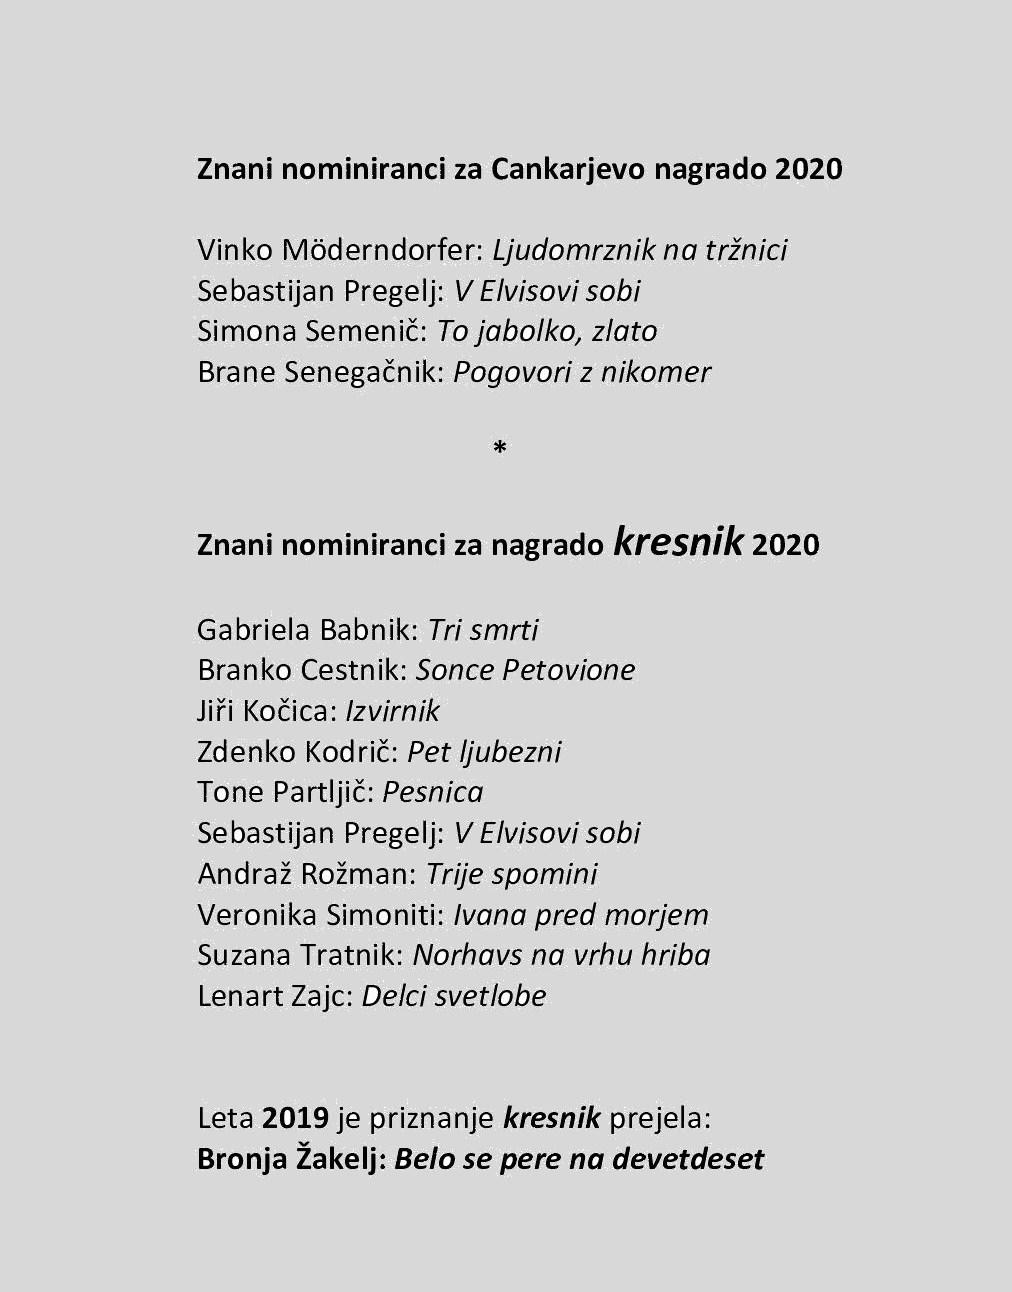 Nominiranci za Cankarjevo in kresnikovo nagrado